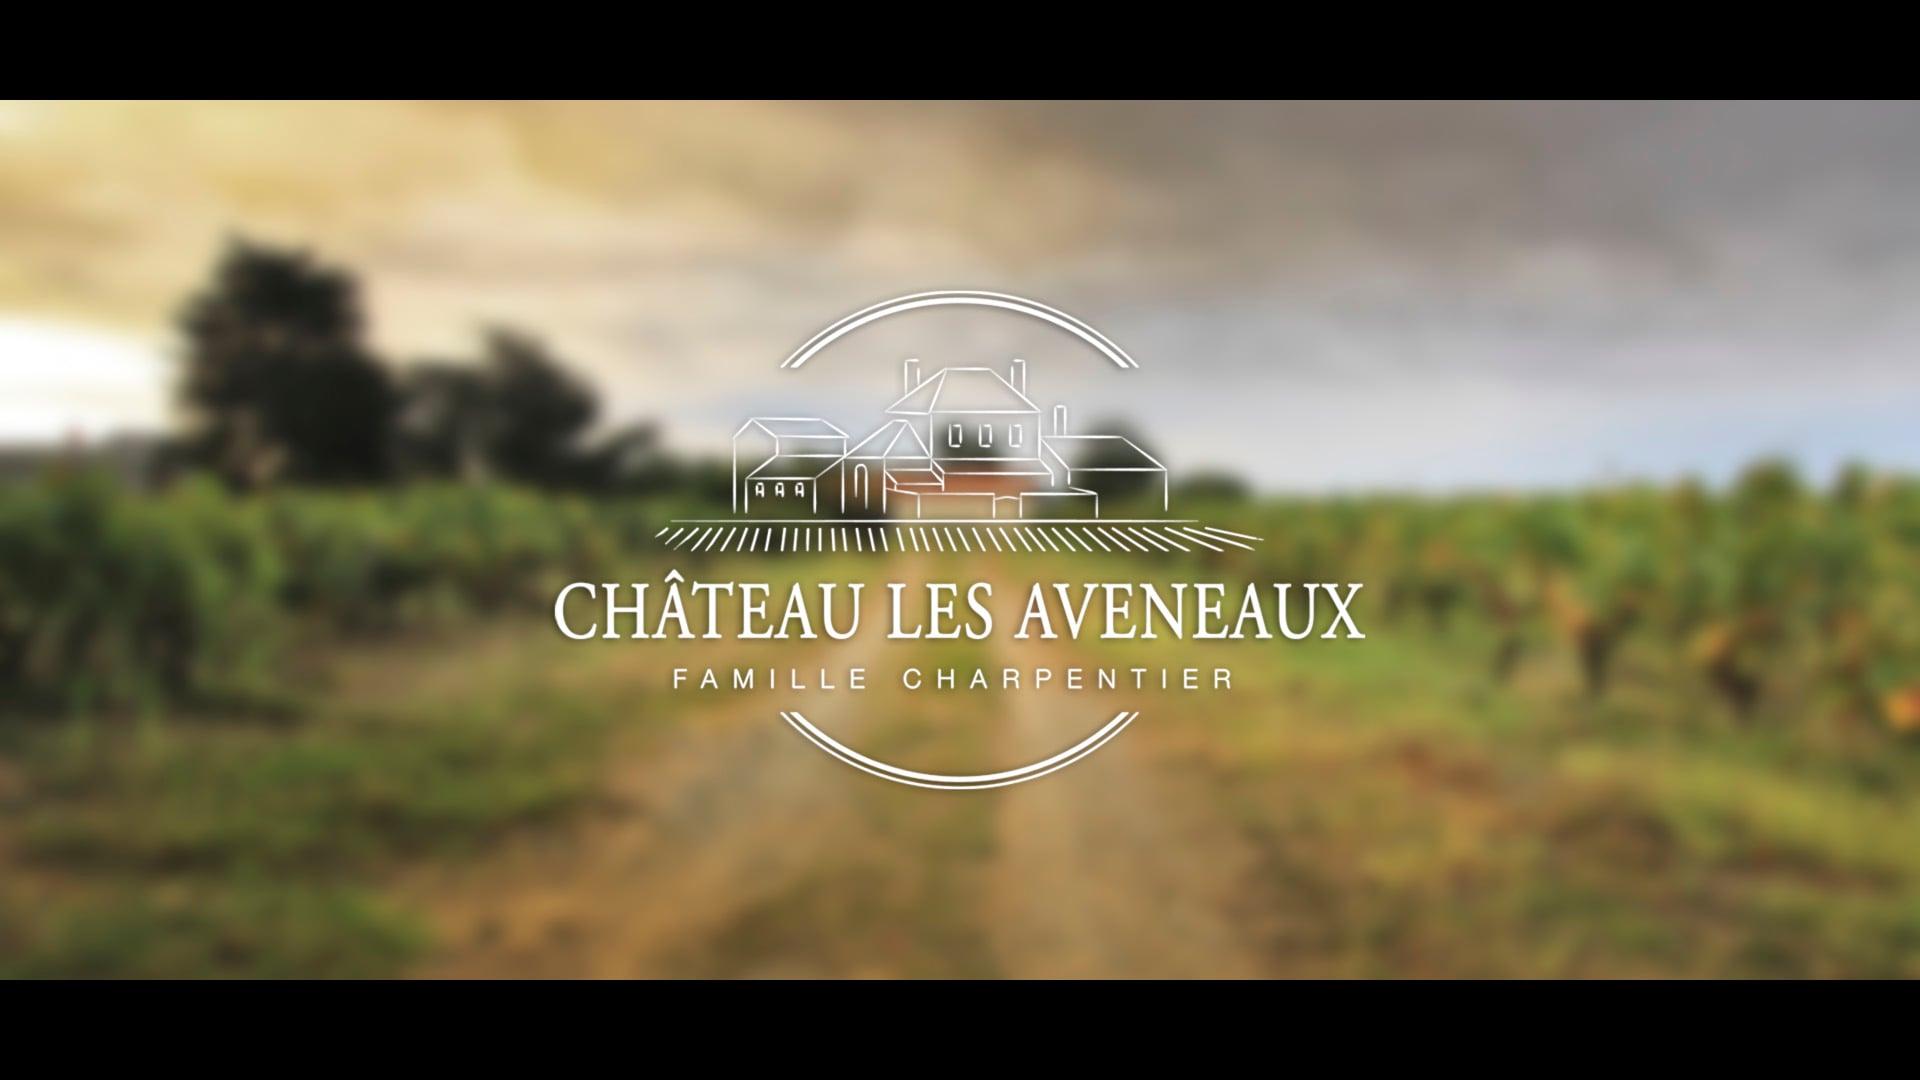 Château les Aveneaux